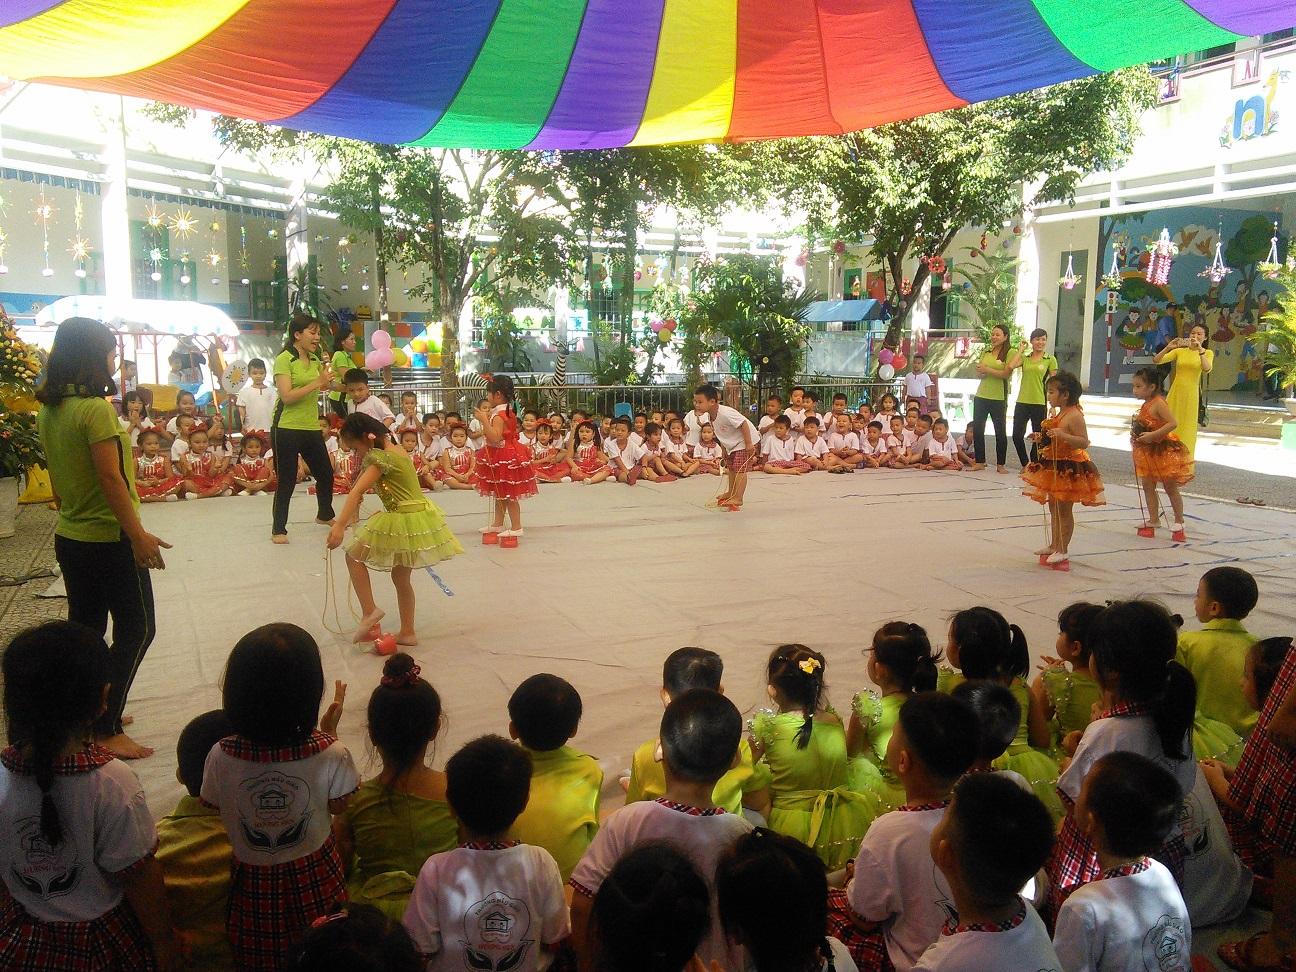 Hầu hết các trường mầm non đều tổ chức trò chơi cho trẻ sau lễ khai giảng. ảnh: C.N